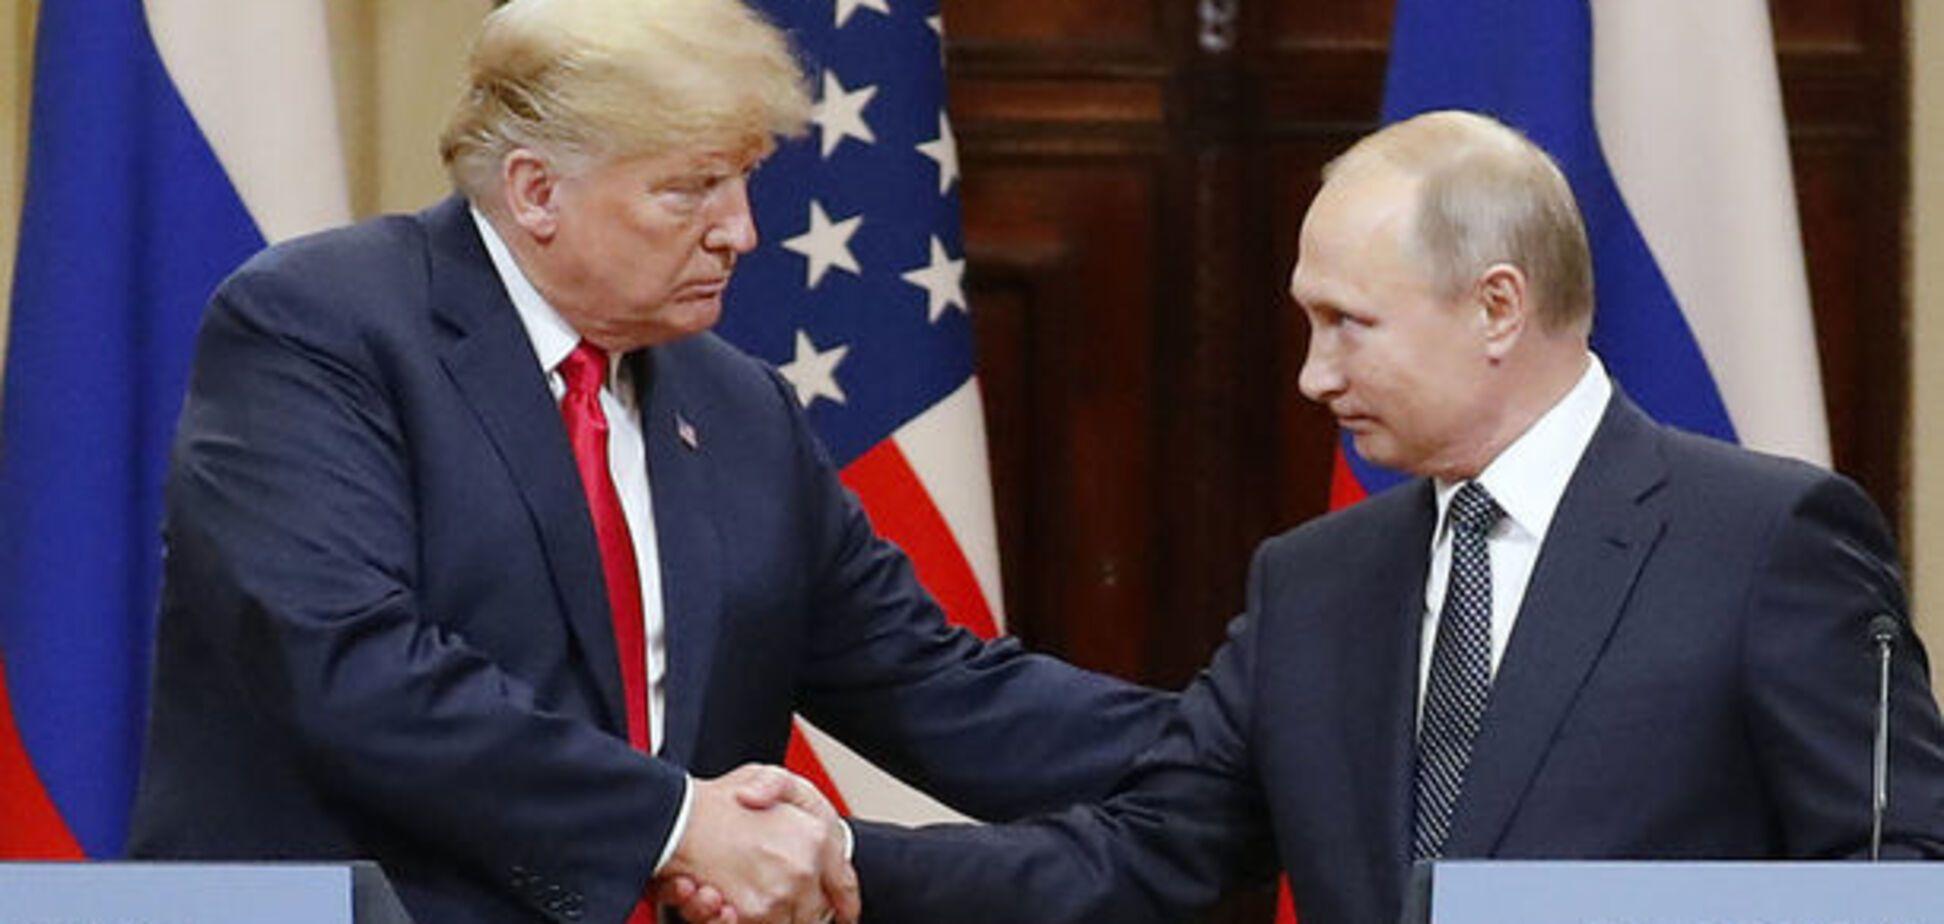 'Літаки, їжа, охорона': на зустріч Трампа з Путіним витратили мільйони